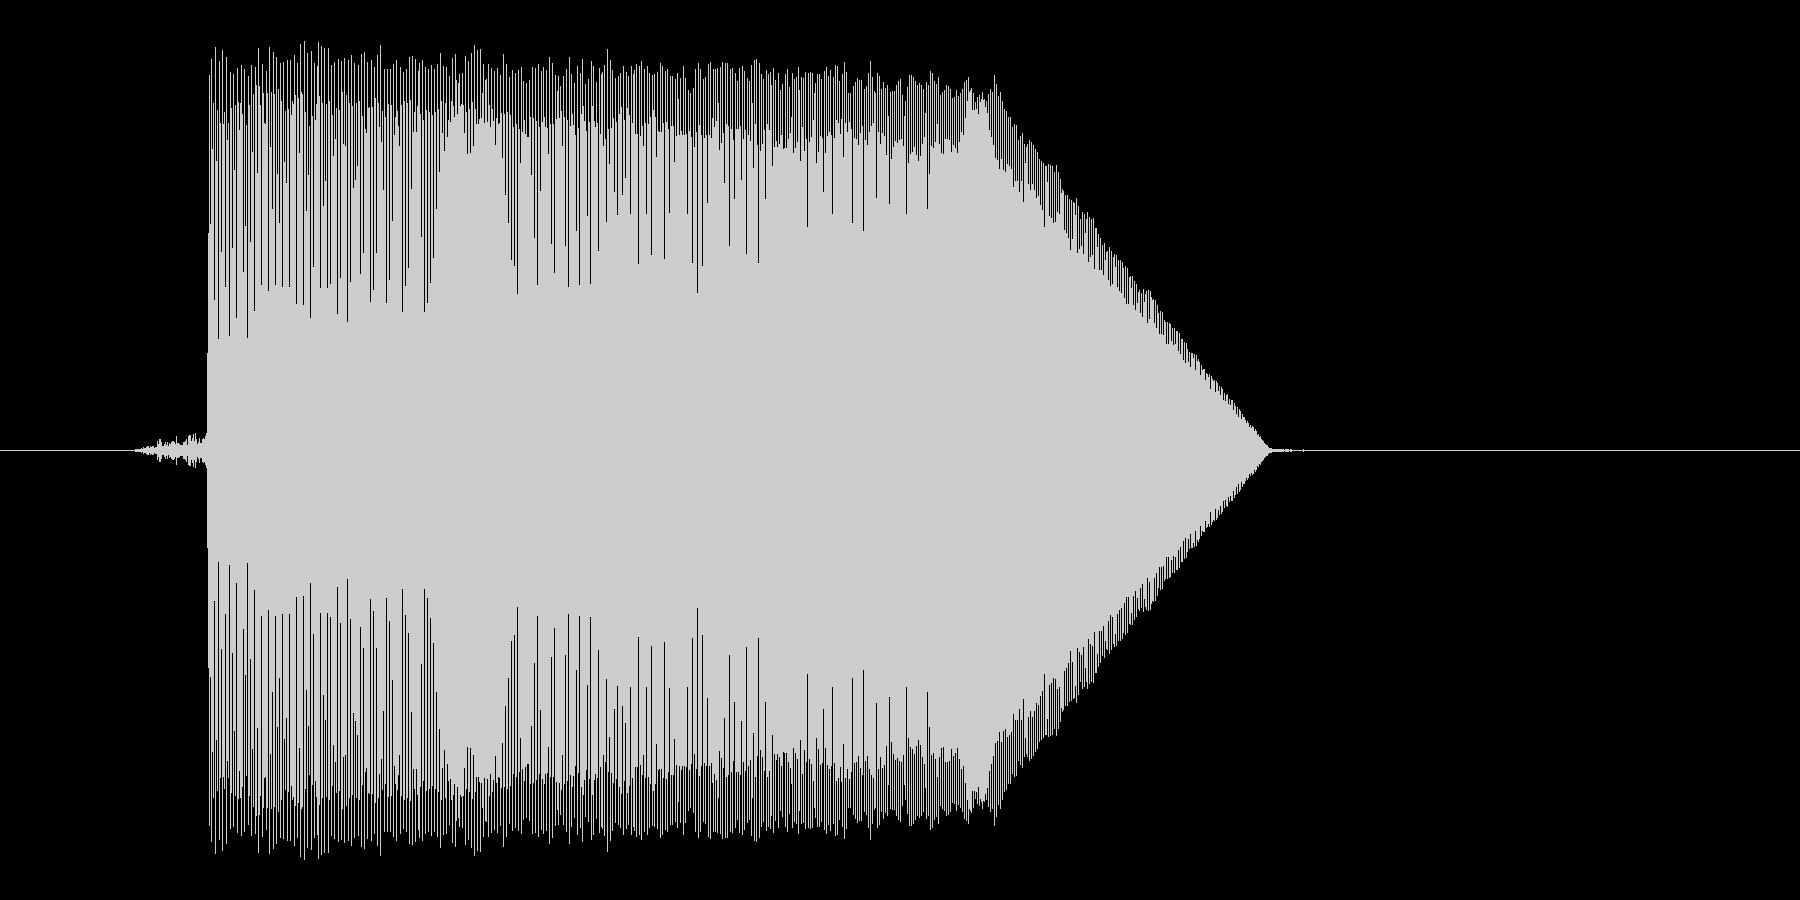 ゲーム(ファミコン風)ジャンプ音_017の未再生の波形